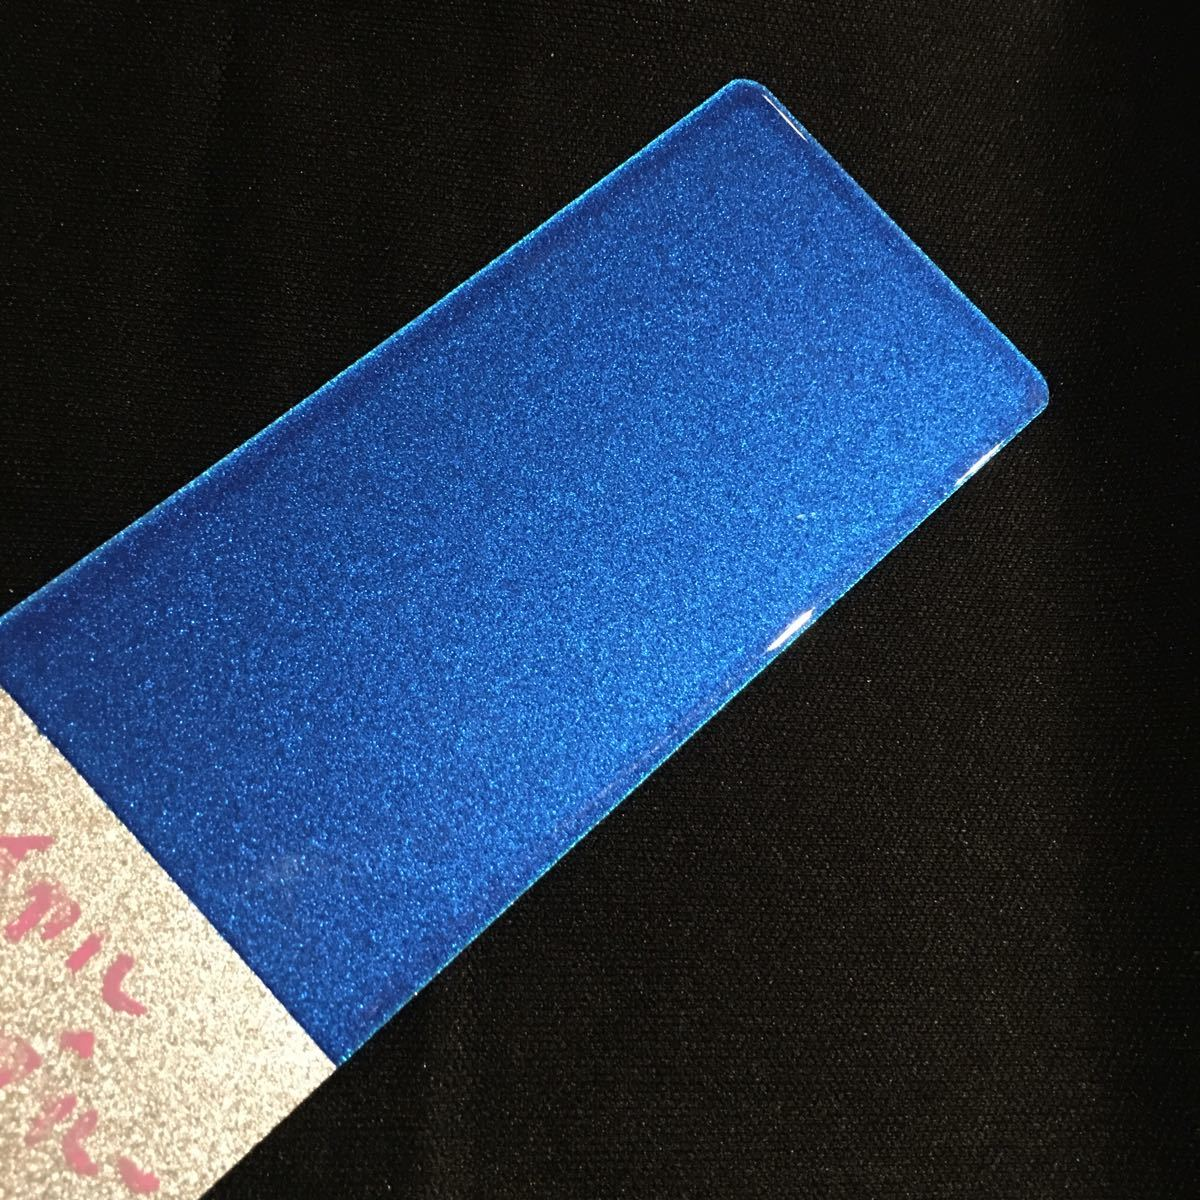 在庫処分★KMキャンディー ロイヤルブルー★耐候性がよく色褪せない 顔料タイプ キャンディー カスタムペイント フレーク ラメ 塗装_画像4